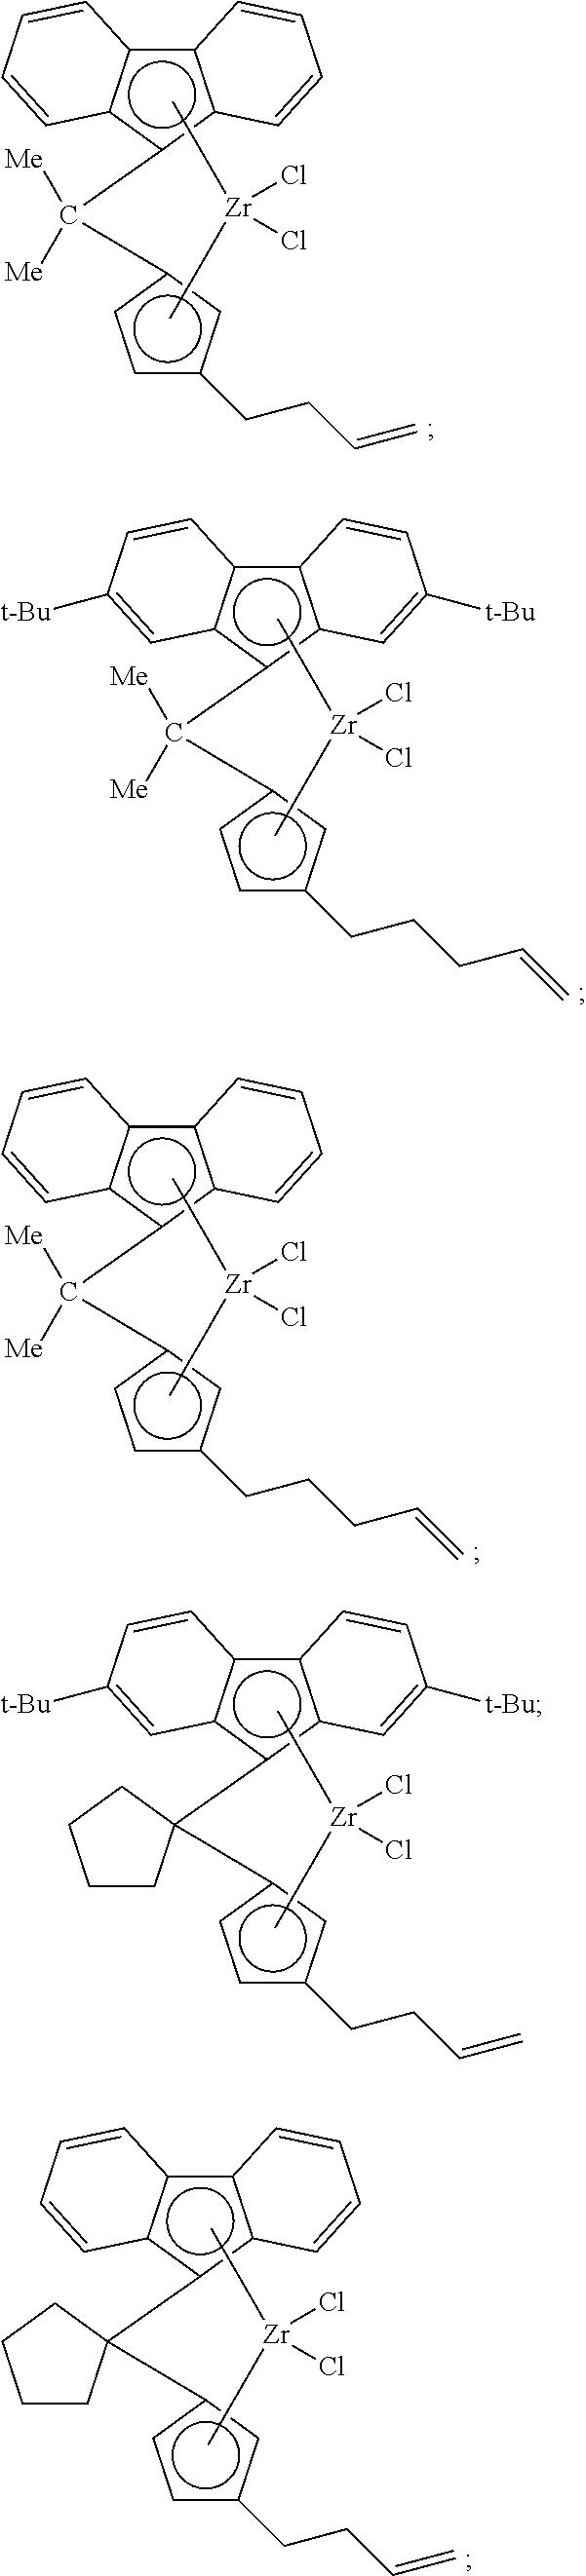 Figure US09273159-20160301-C00011